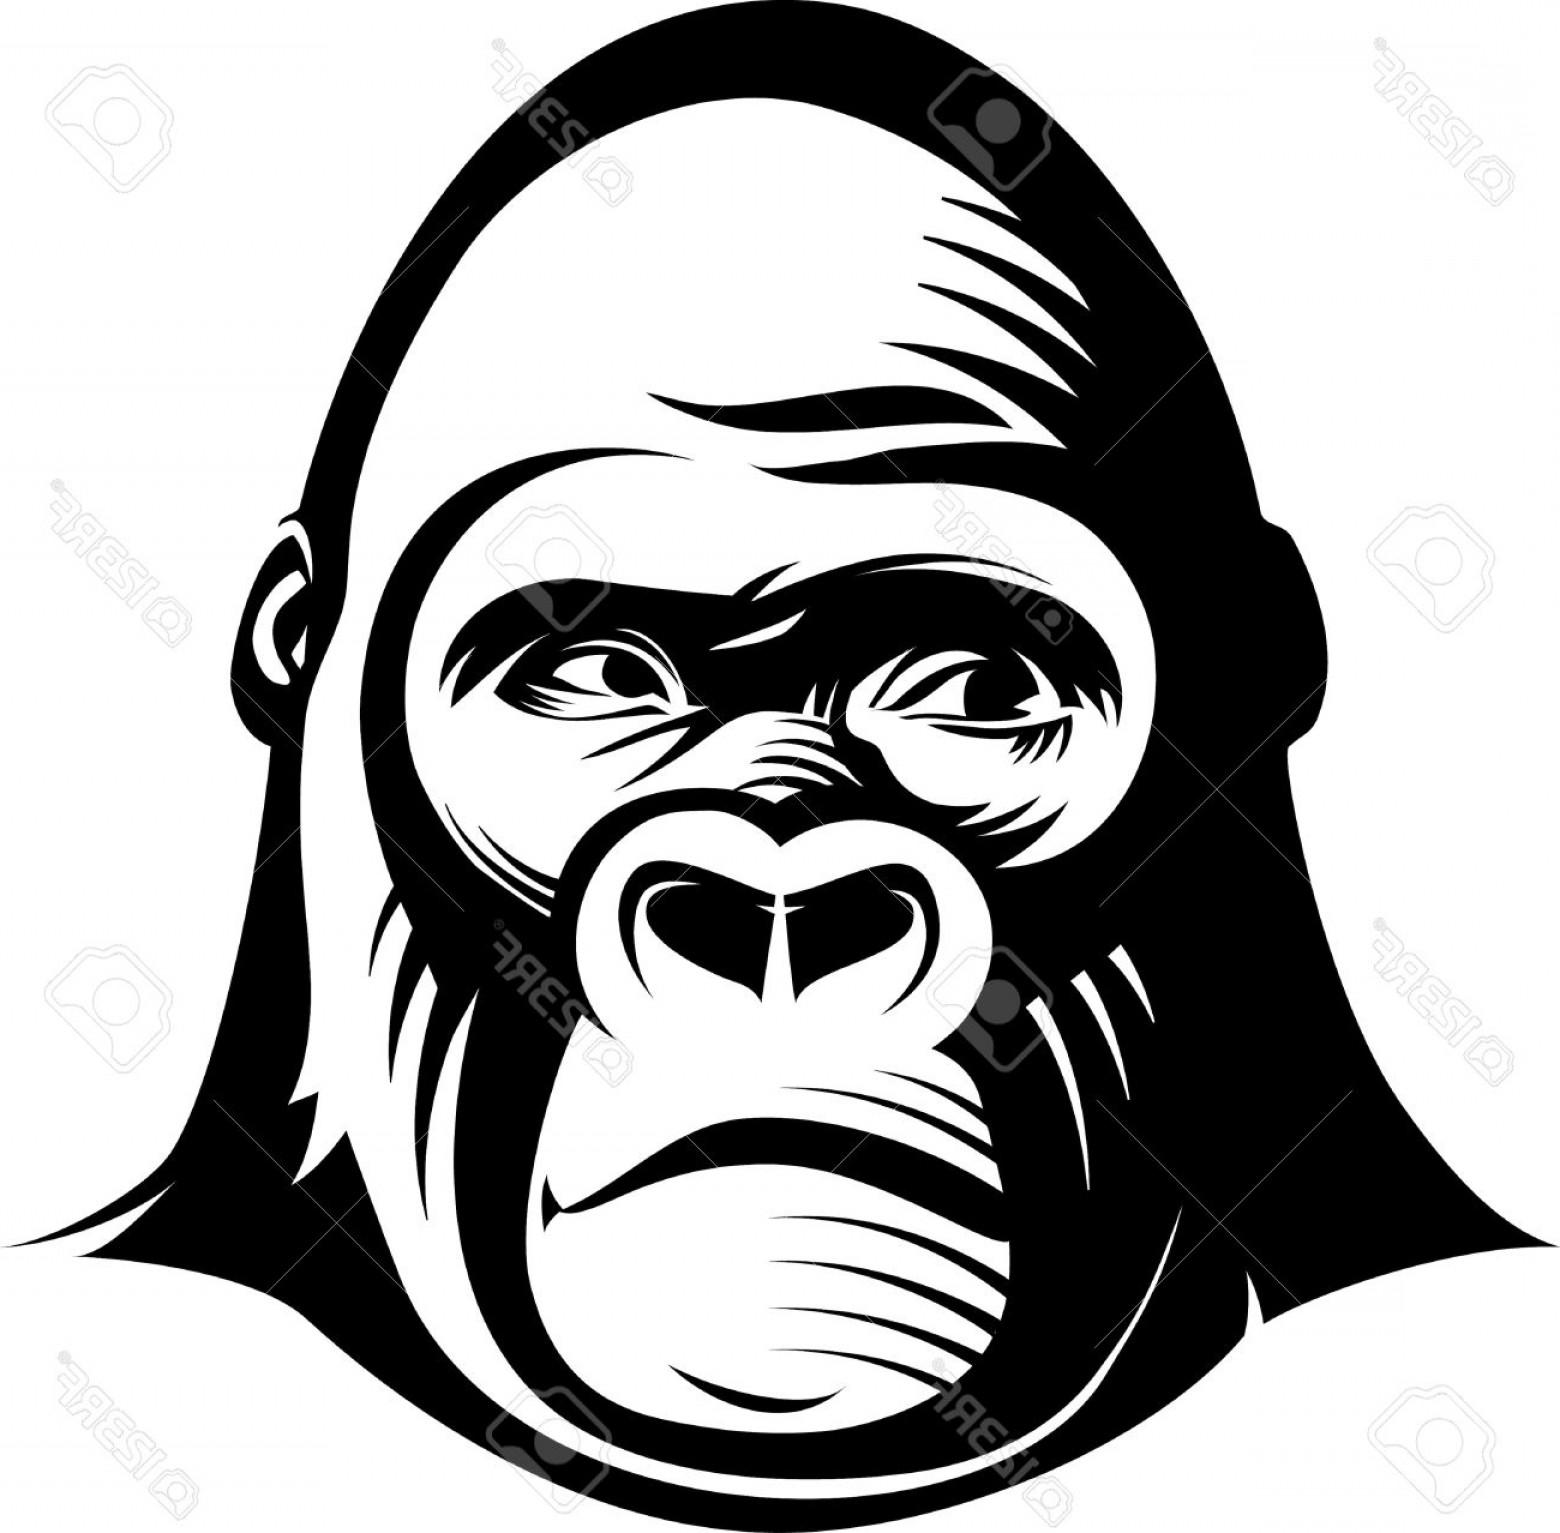 1560x1533 Angry Gorilla Face Clip Art Shopatcloth